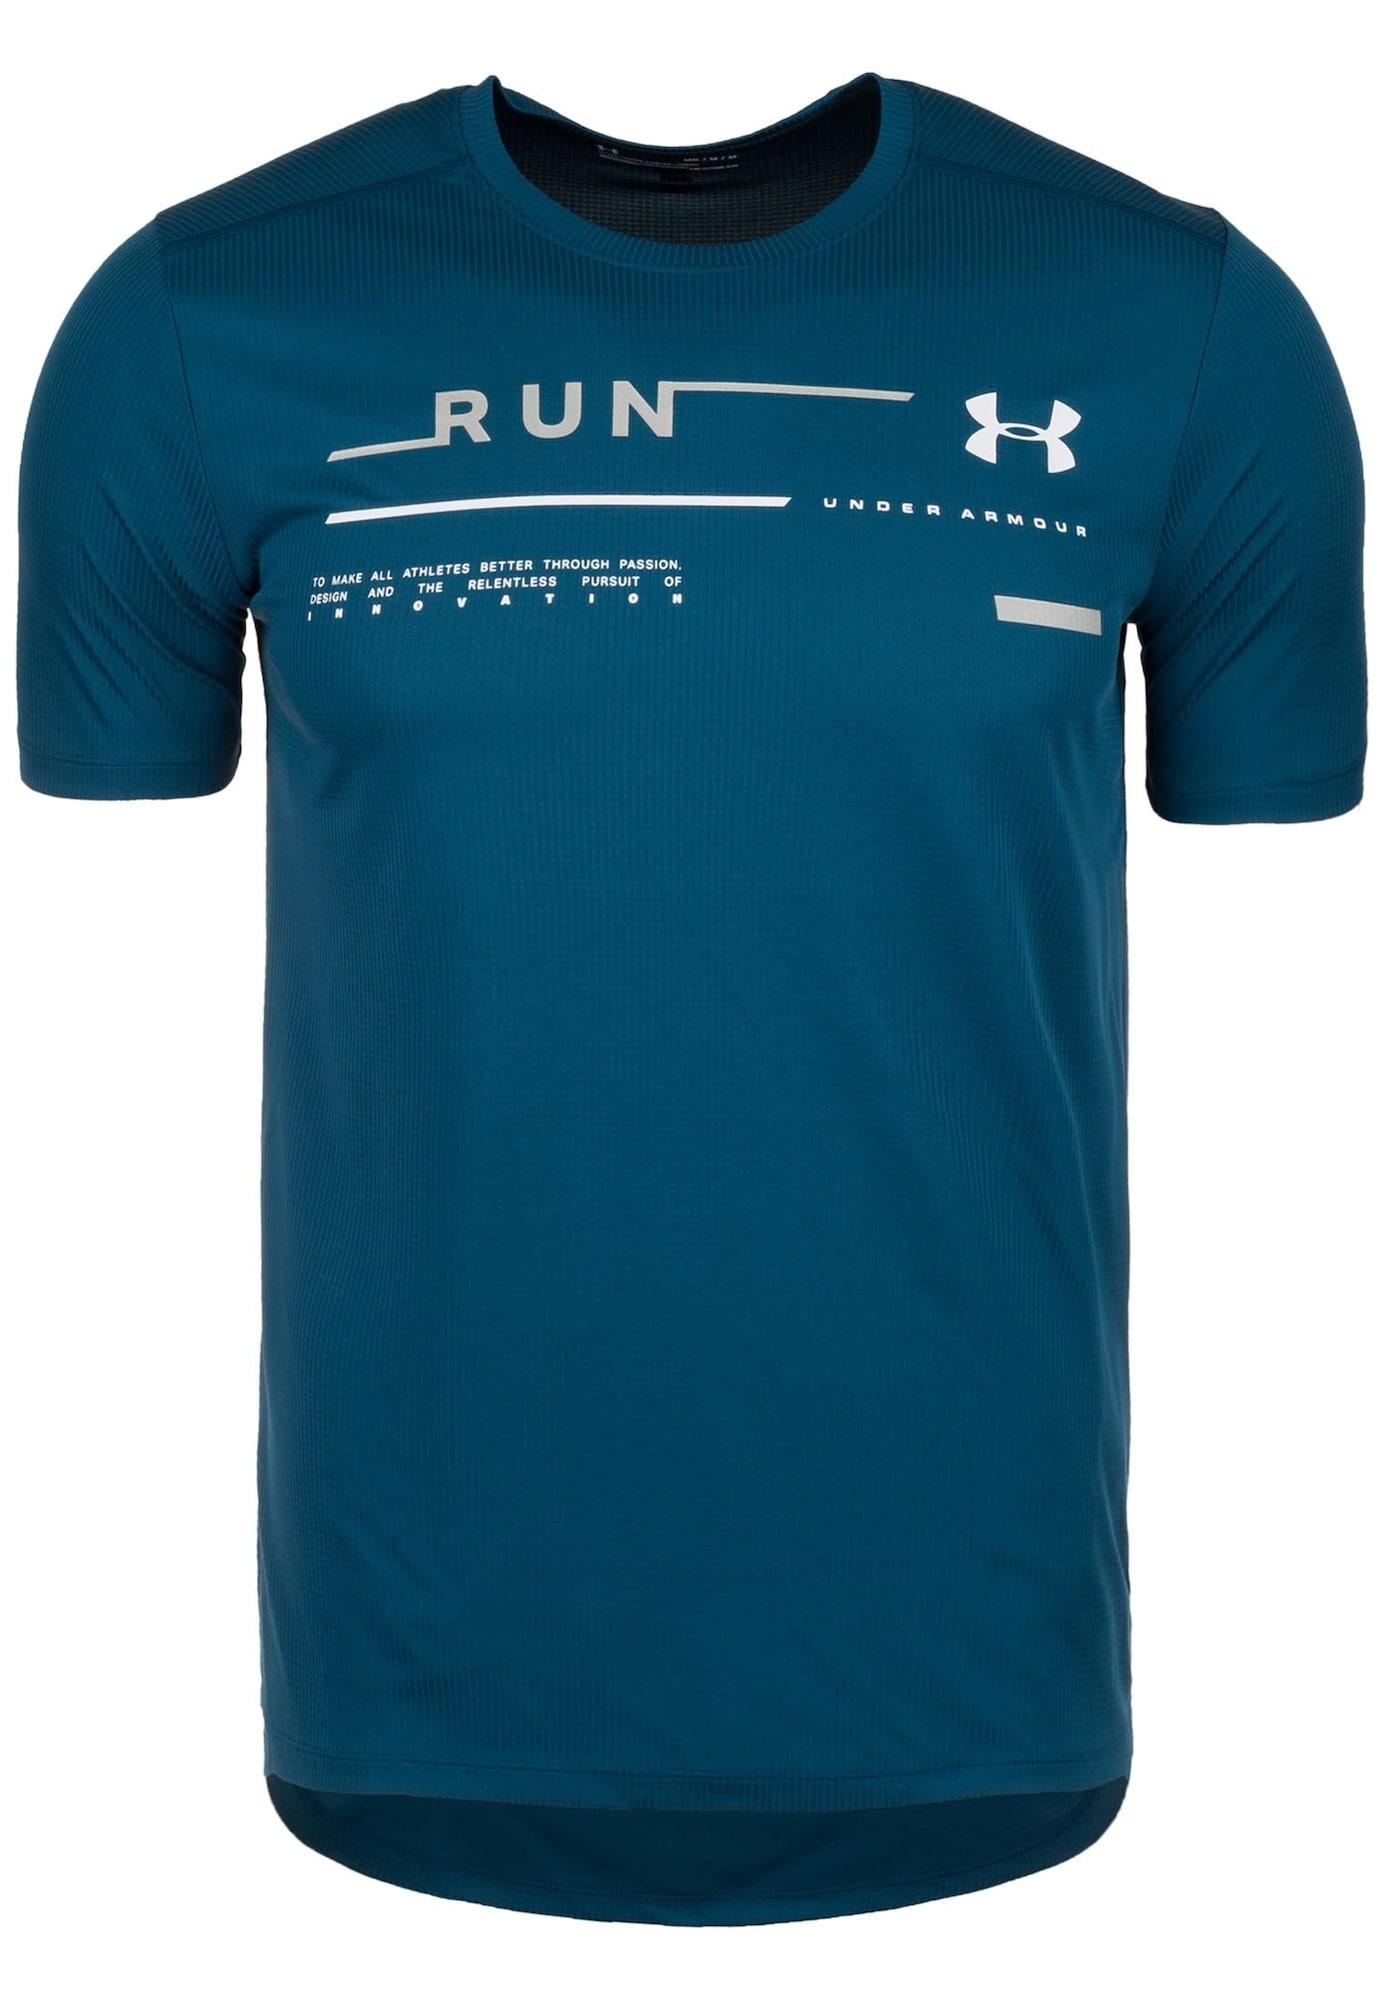 Laufshirt 'Run Graphic' | Sportbekleidung > Sportshirts > Laufshirts | Blau - Weiß | Under Armour